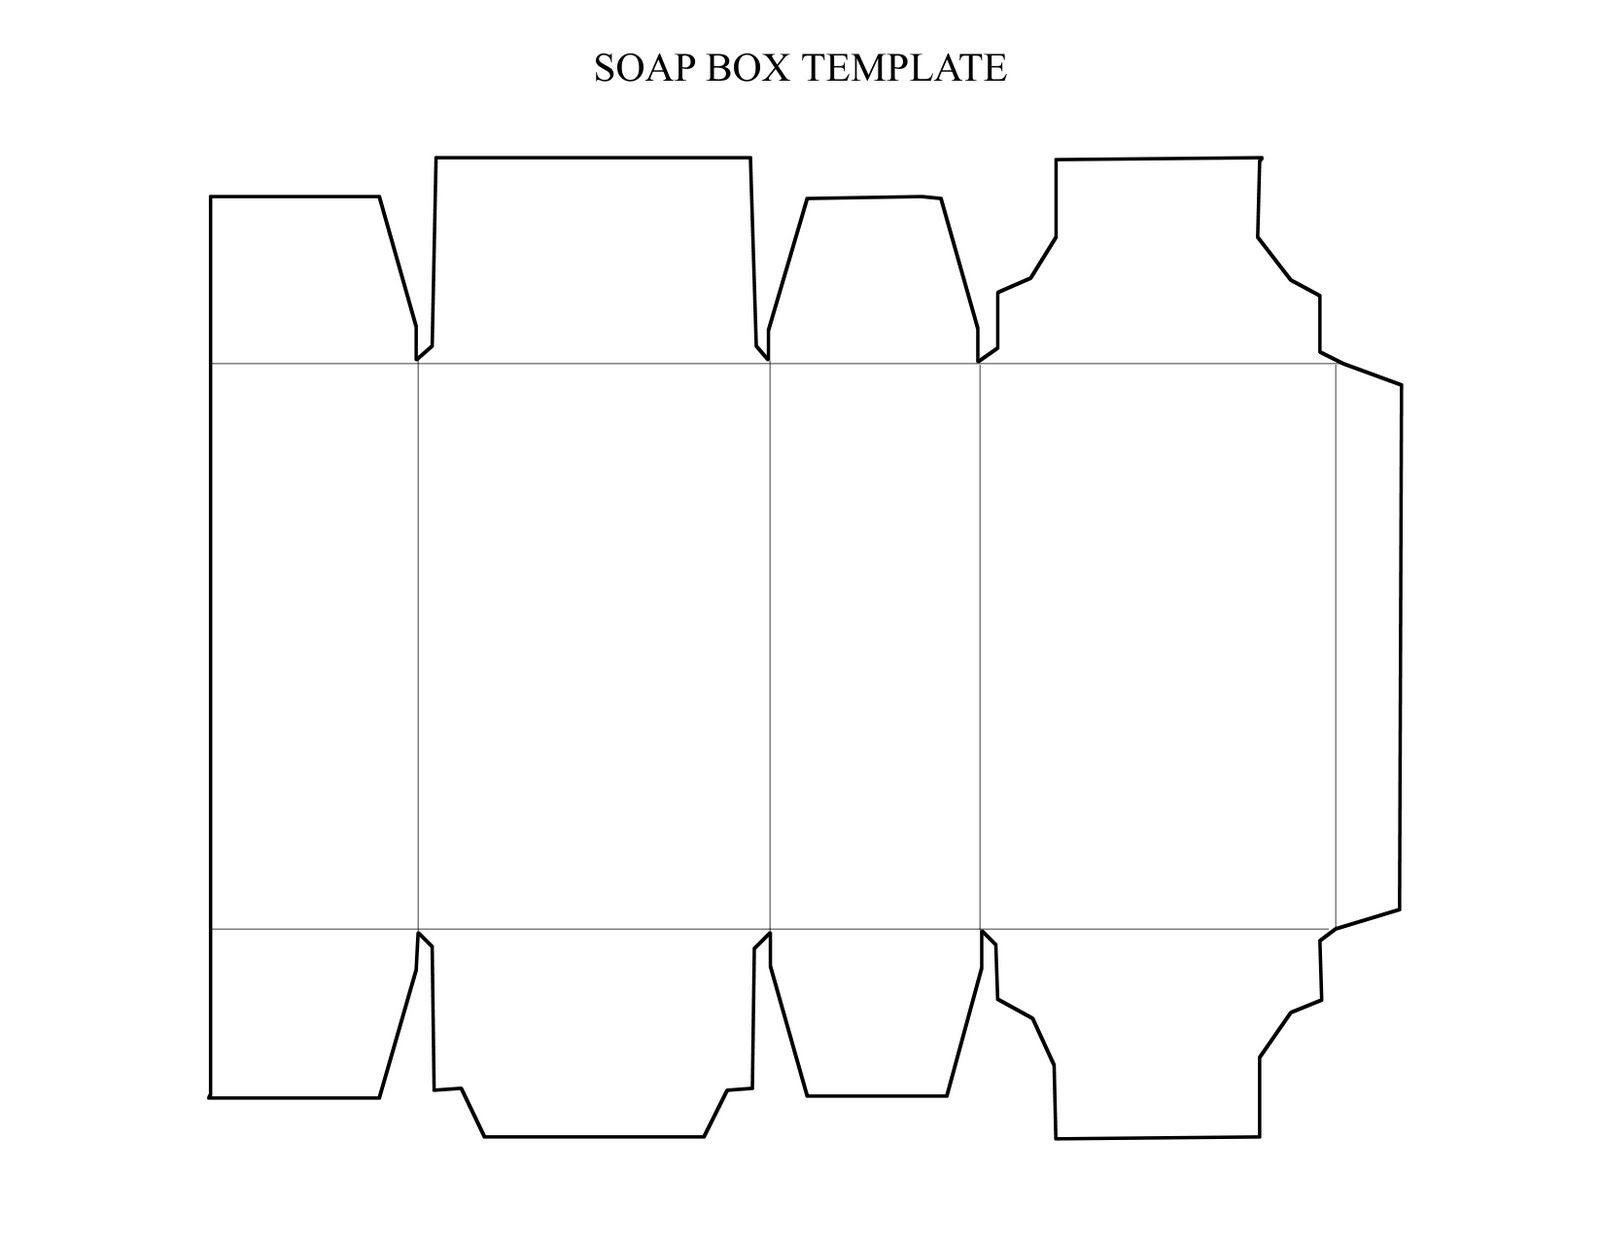 candy box templates free download koni polycode co